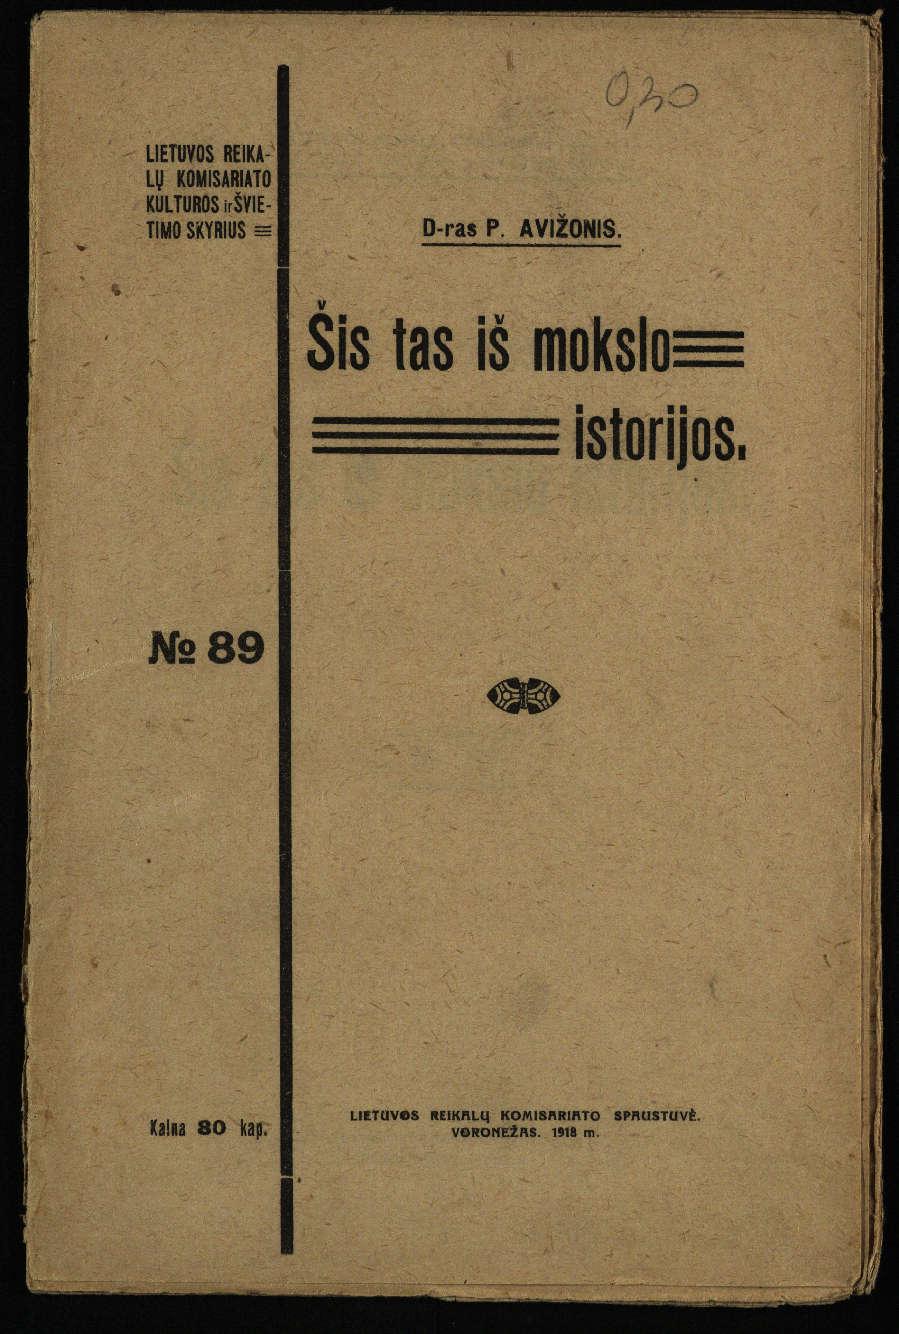 Avižonis, Petras. Šis tas iš mokslo istorijos. – Voronežas: Lietuvos reikalų komisariatas, 1918. – 37 p.